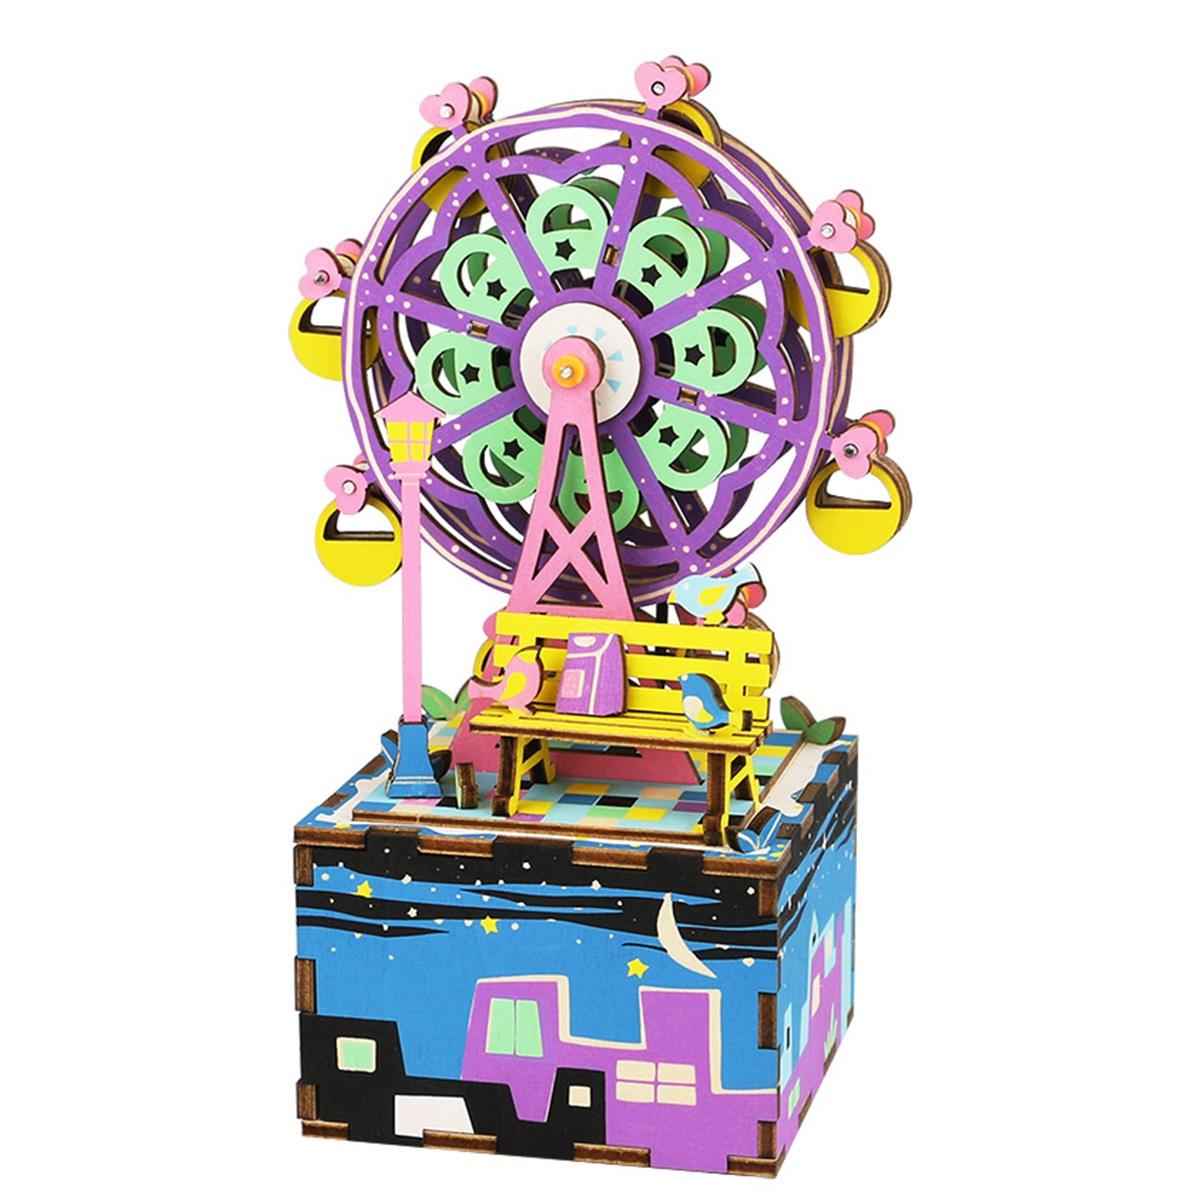 Деревянный конструктор Robotime Деревянный 3D конструктор - музыкальная шкатулка Ferris Wheel AM402 стоимость